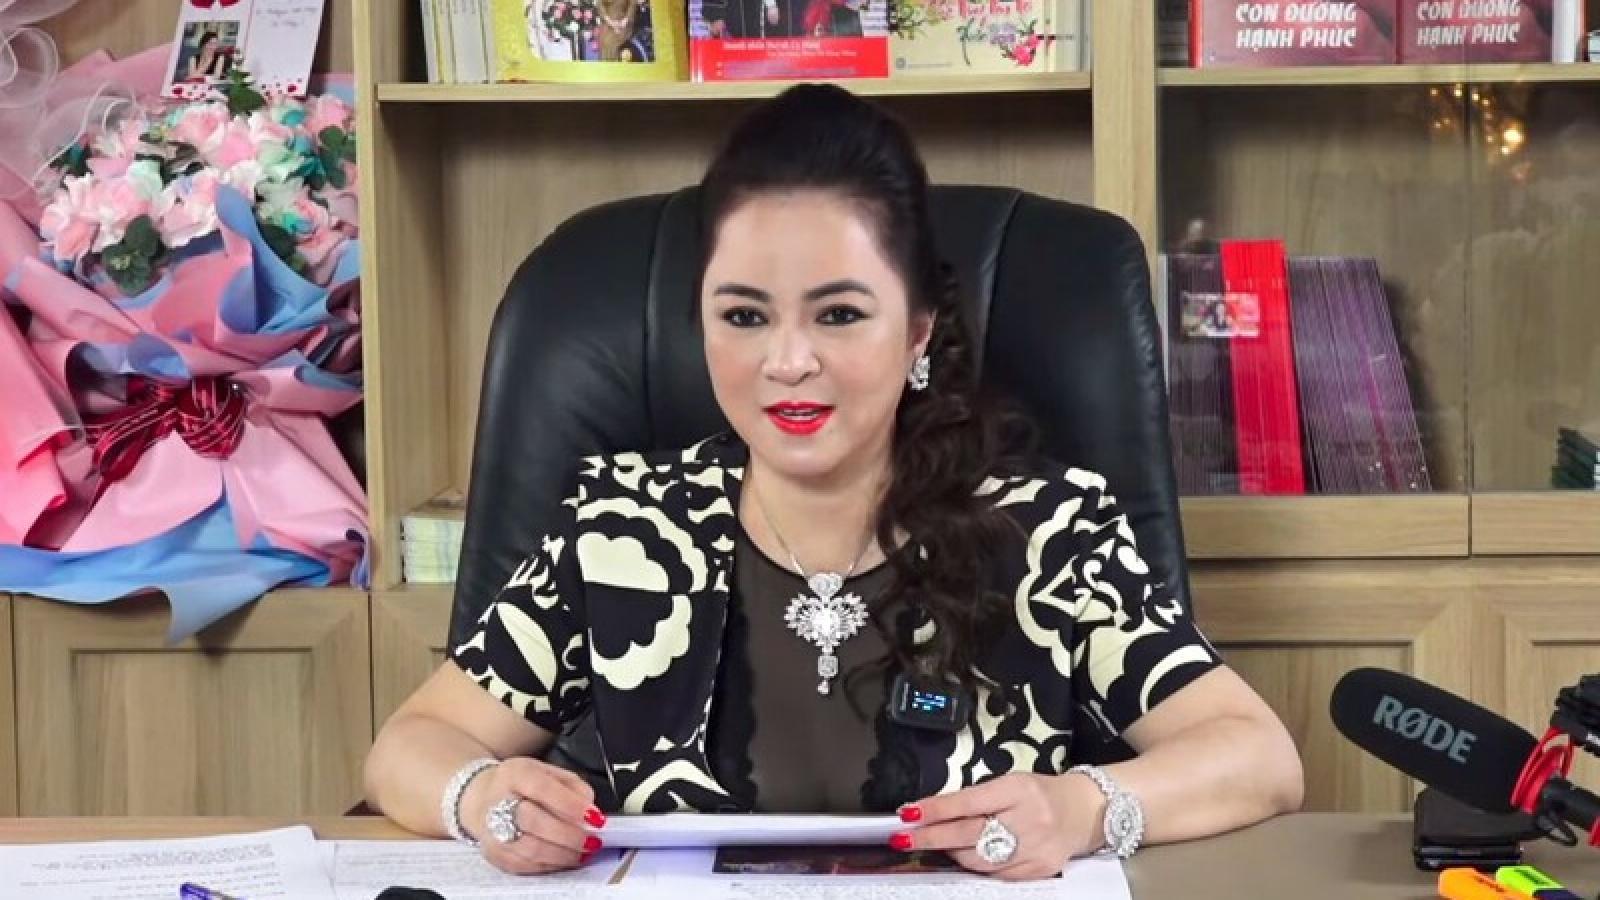 Vụ bà Phương Hằng bị kiện 1.000 tỷ: Nếu nghiêm trọng có thể xử lý hình sự